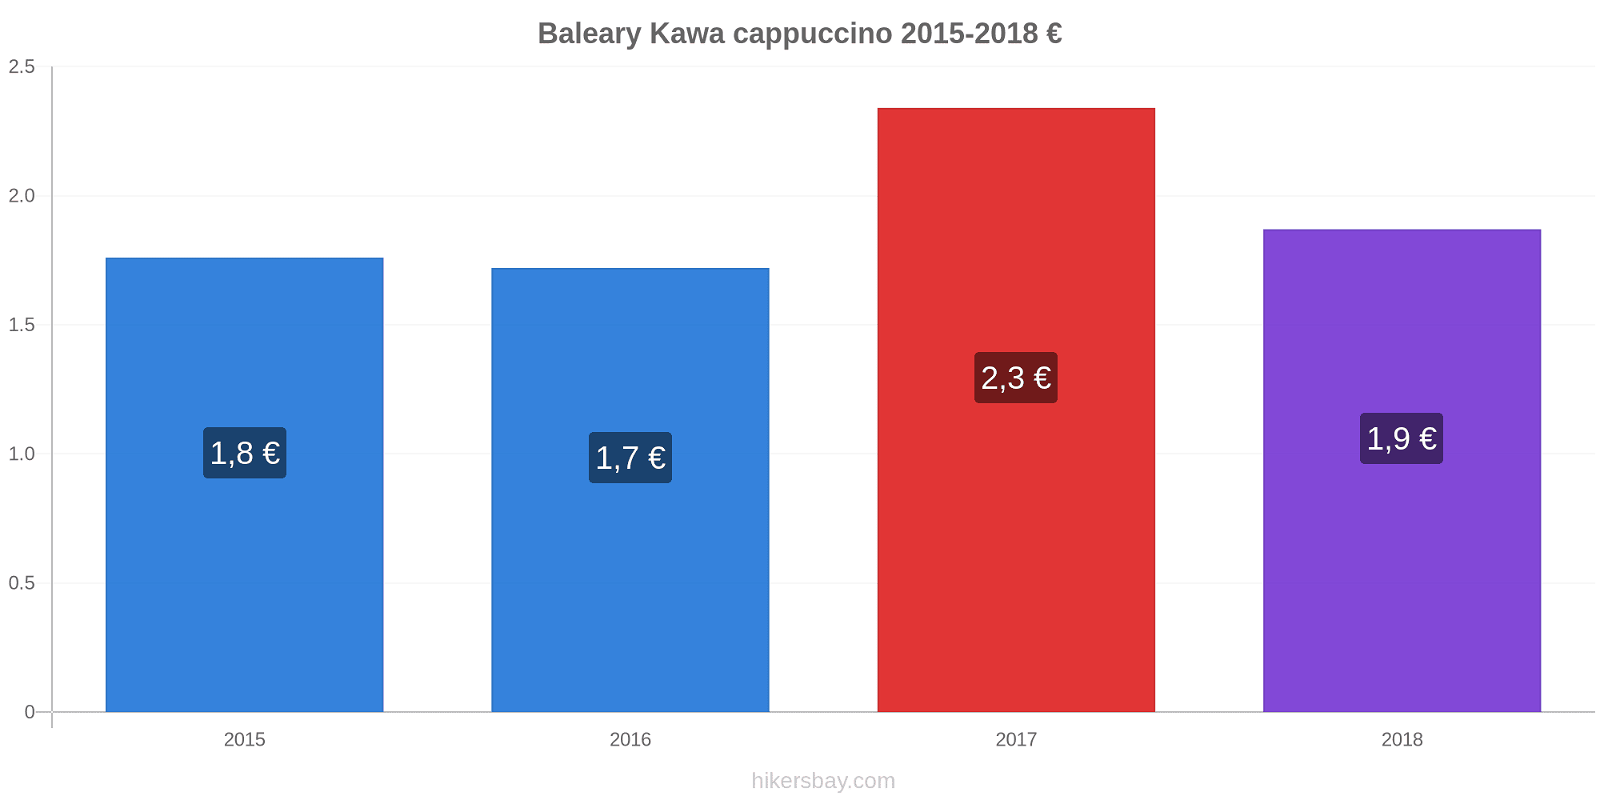 Baleary zmiany cen Kawa cappuccino hikersbay.com